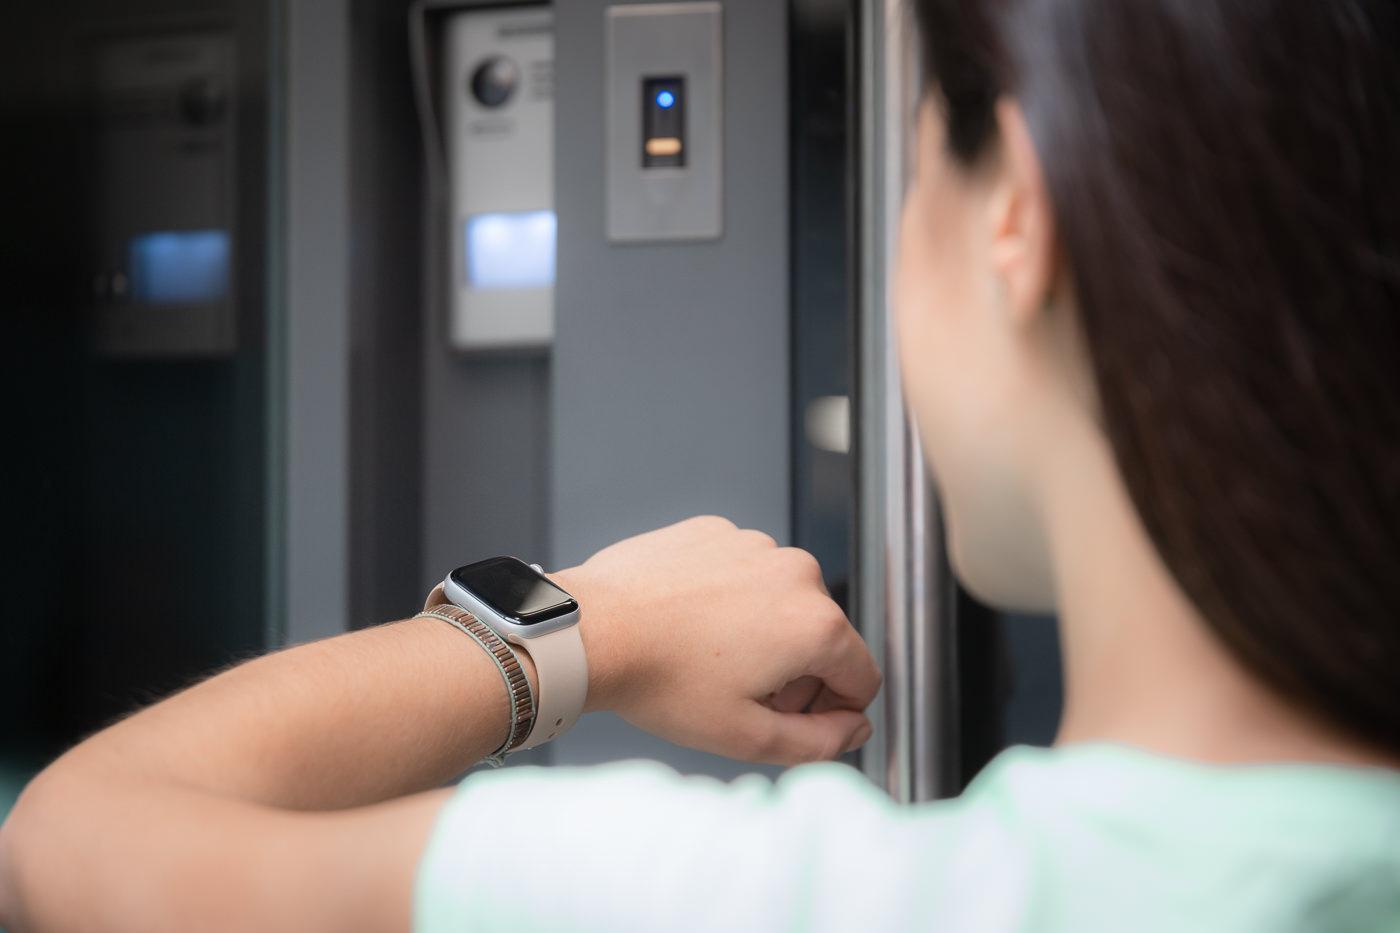 ¿Cómo nos ayuda la digitalización a optimizar mejor el tiempo?